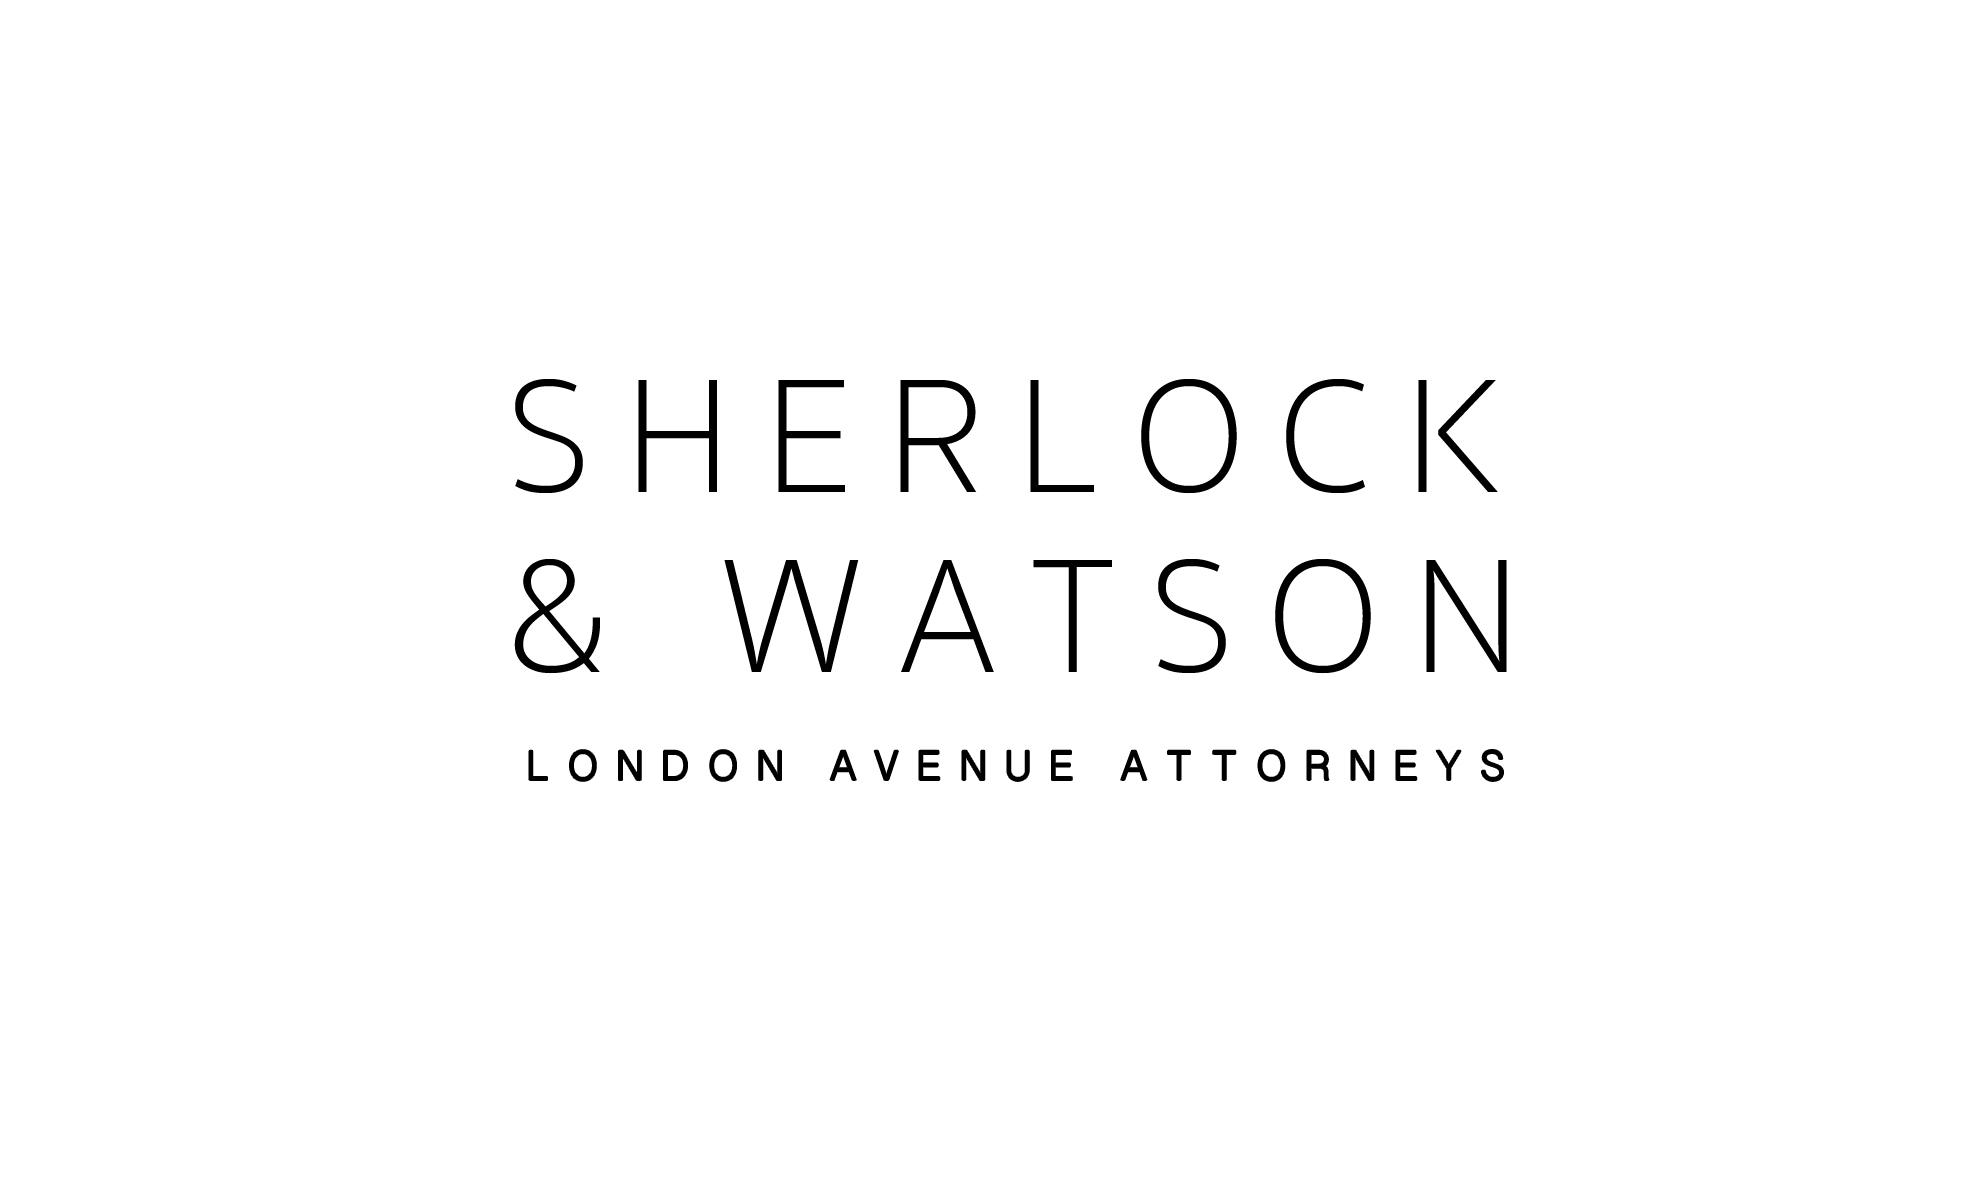 sherlock-&-watson-logo-design5